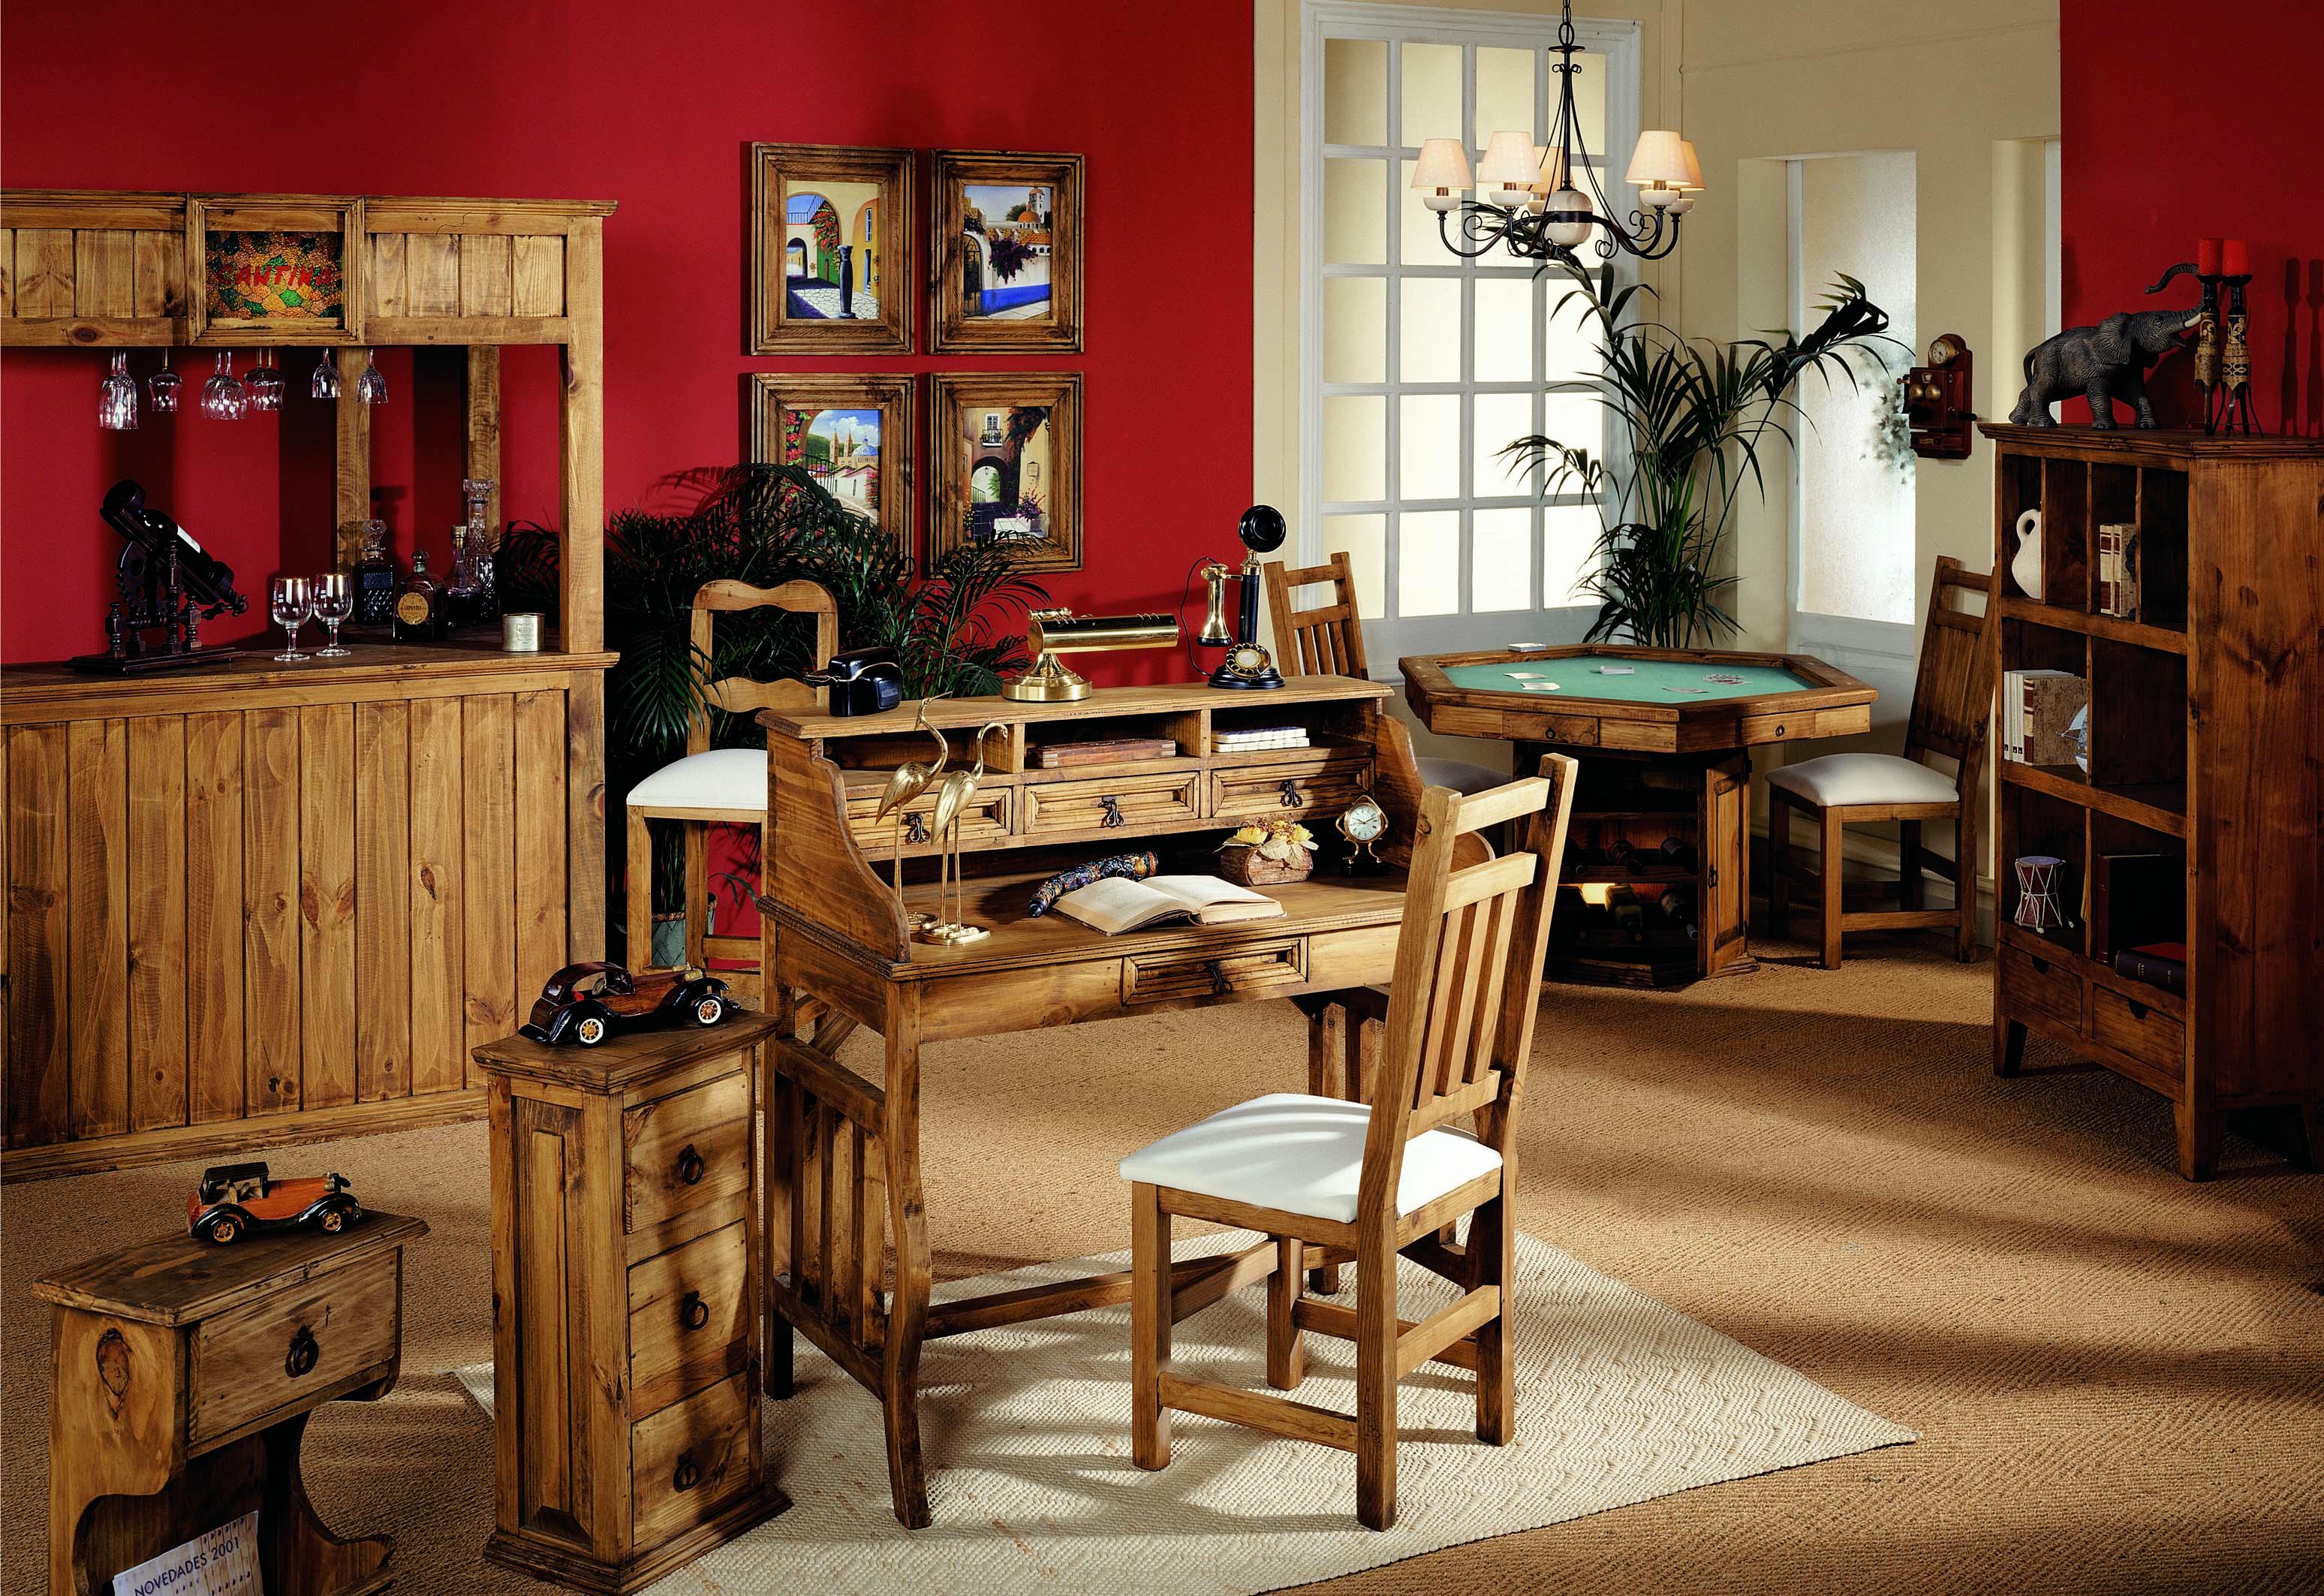 Mueble r stico y colonial de madera en m laga - Muebles rusticos malaga ...